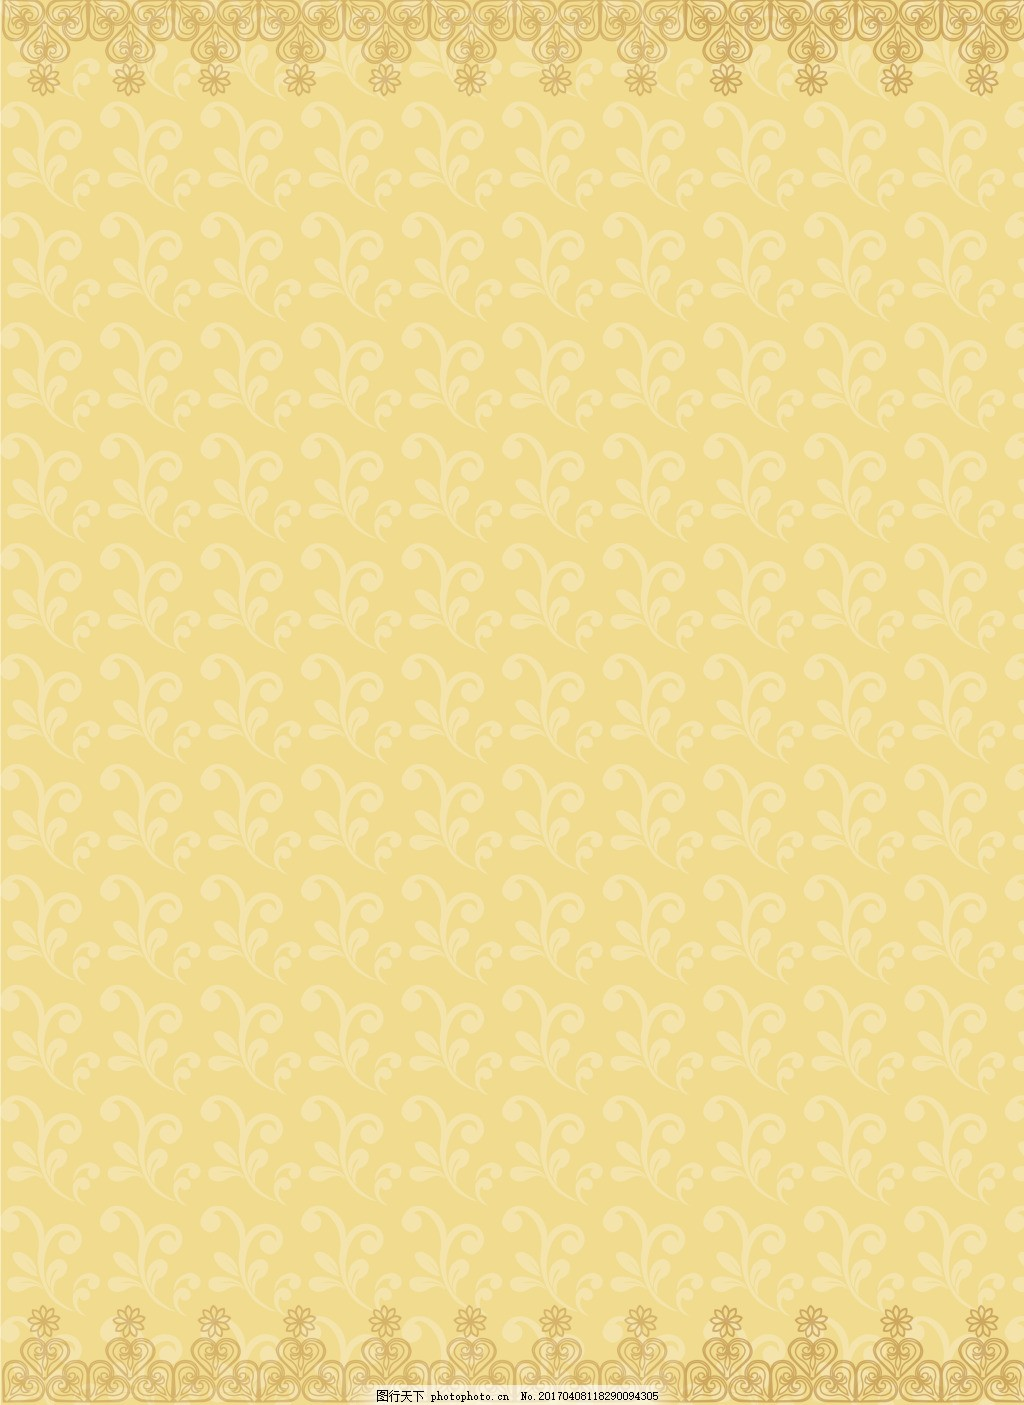 金色欧式花纹背景